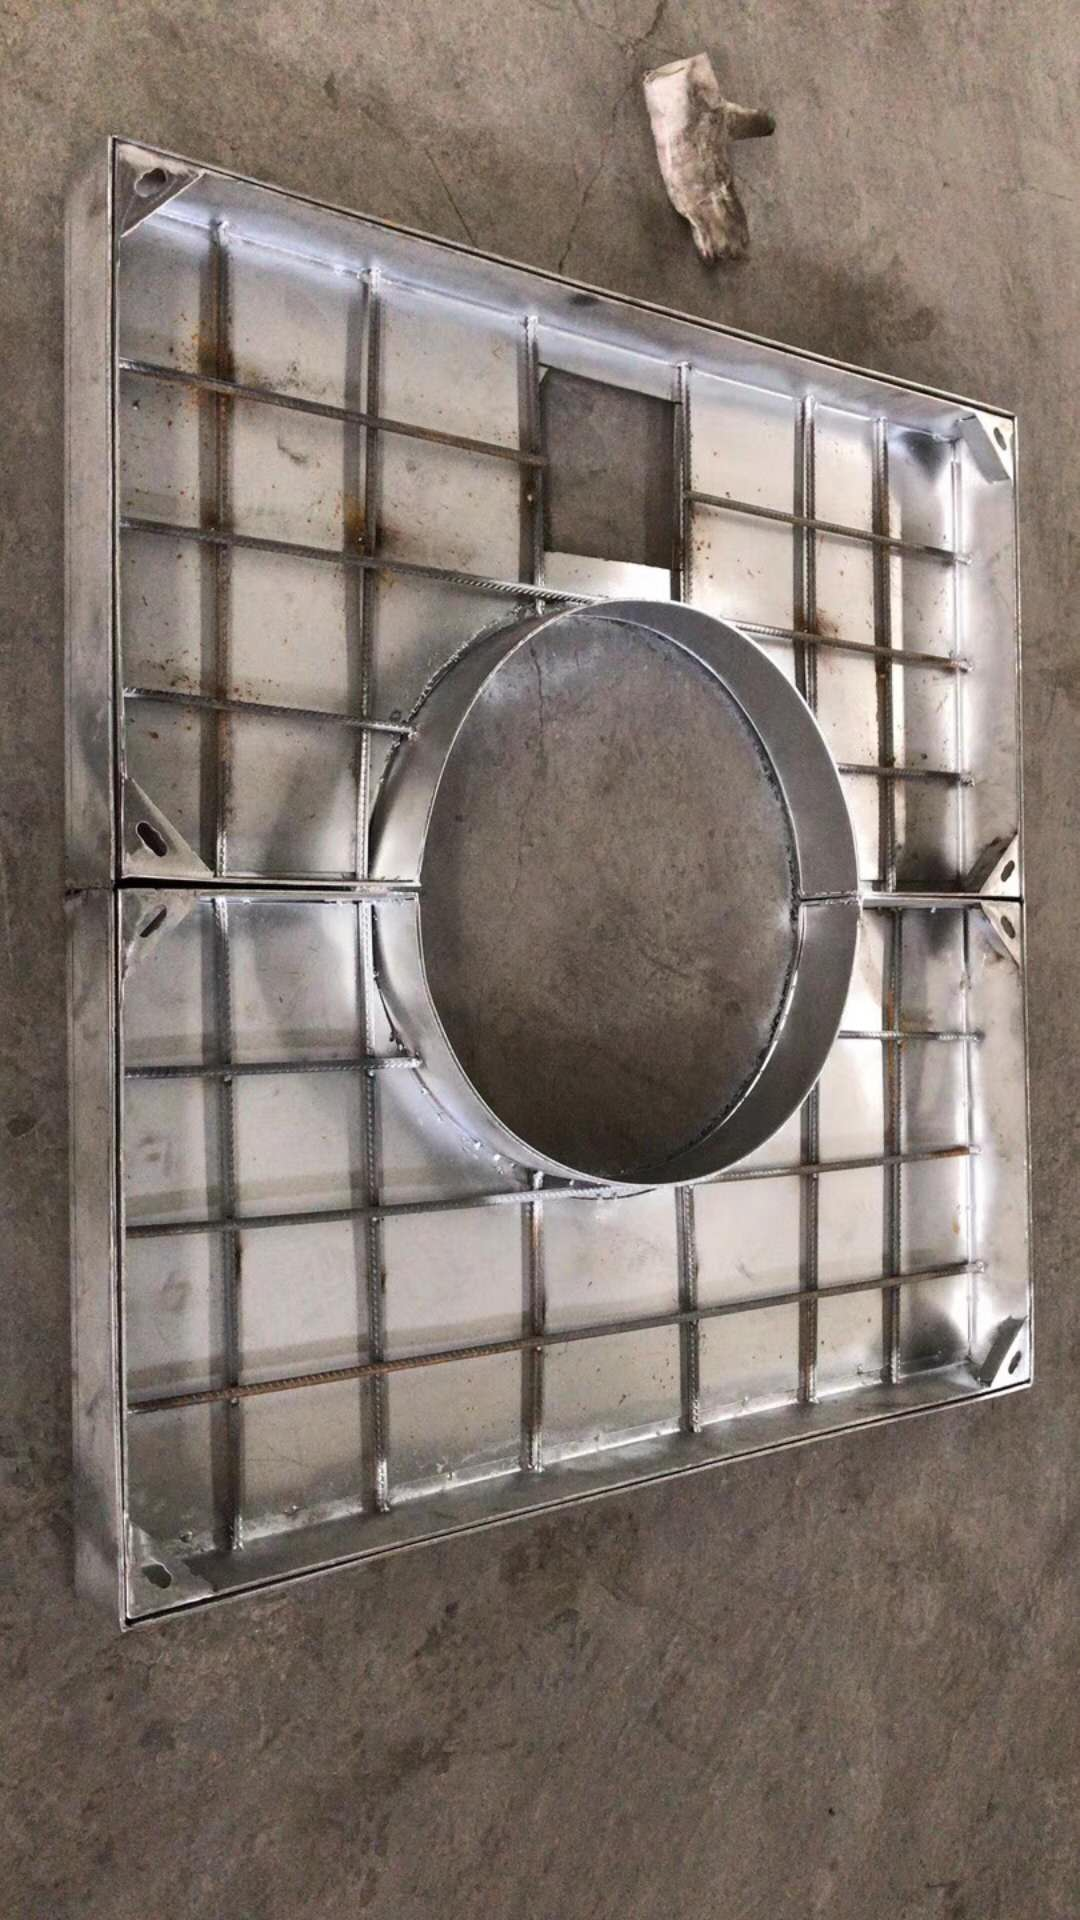 强龙市政|广西不锈钢井盖品牌|广西不锈钢井盖采购